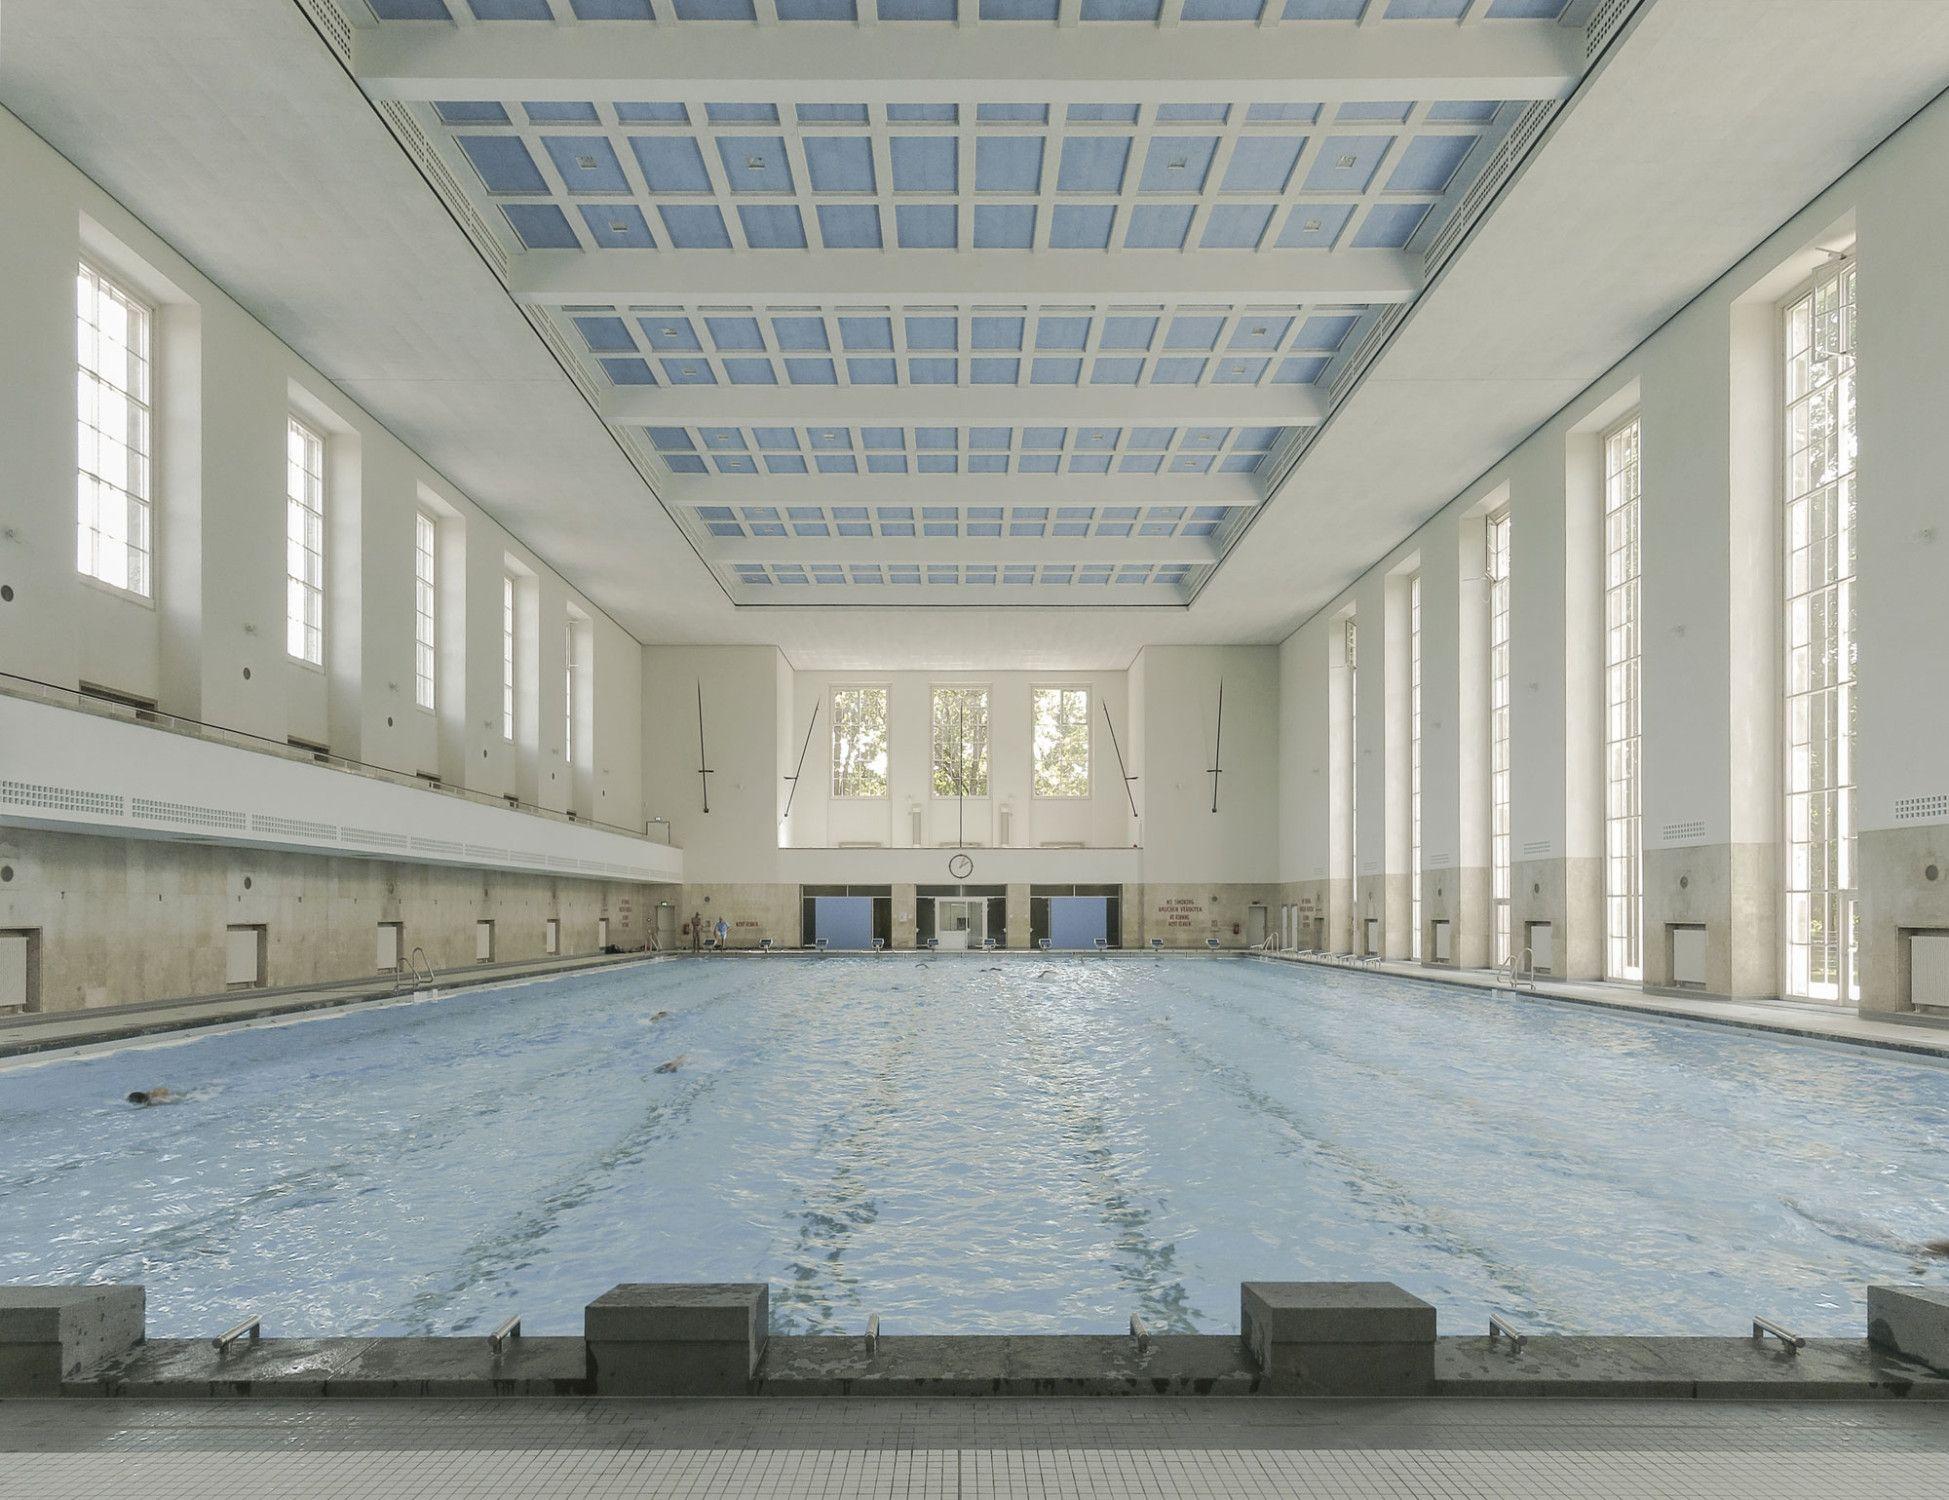 Fliesenausstellung Berlin schwimmhalle finckensteinallee in berlin fliesen und platten